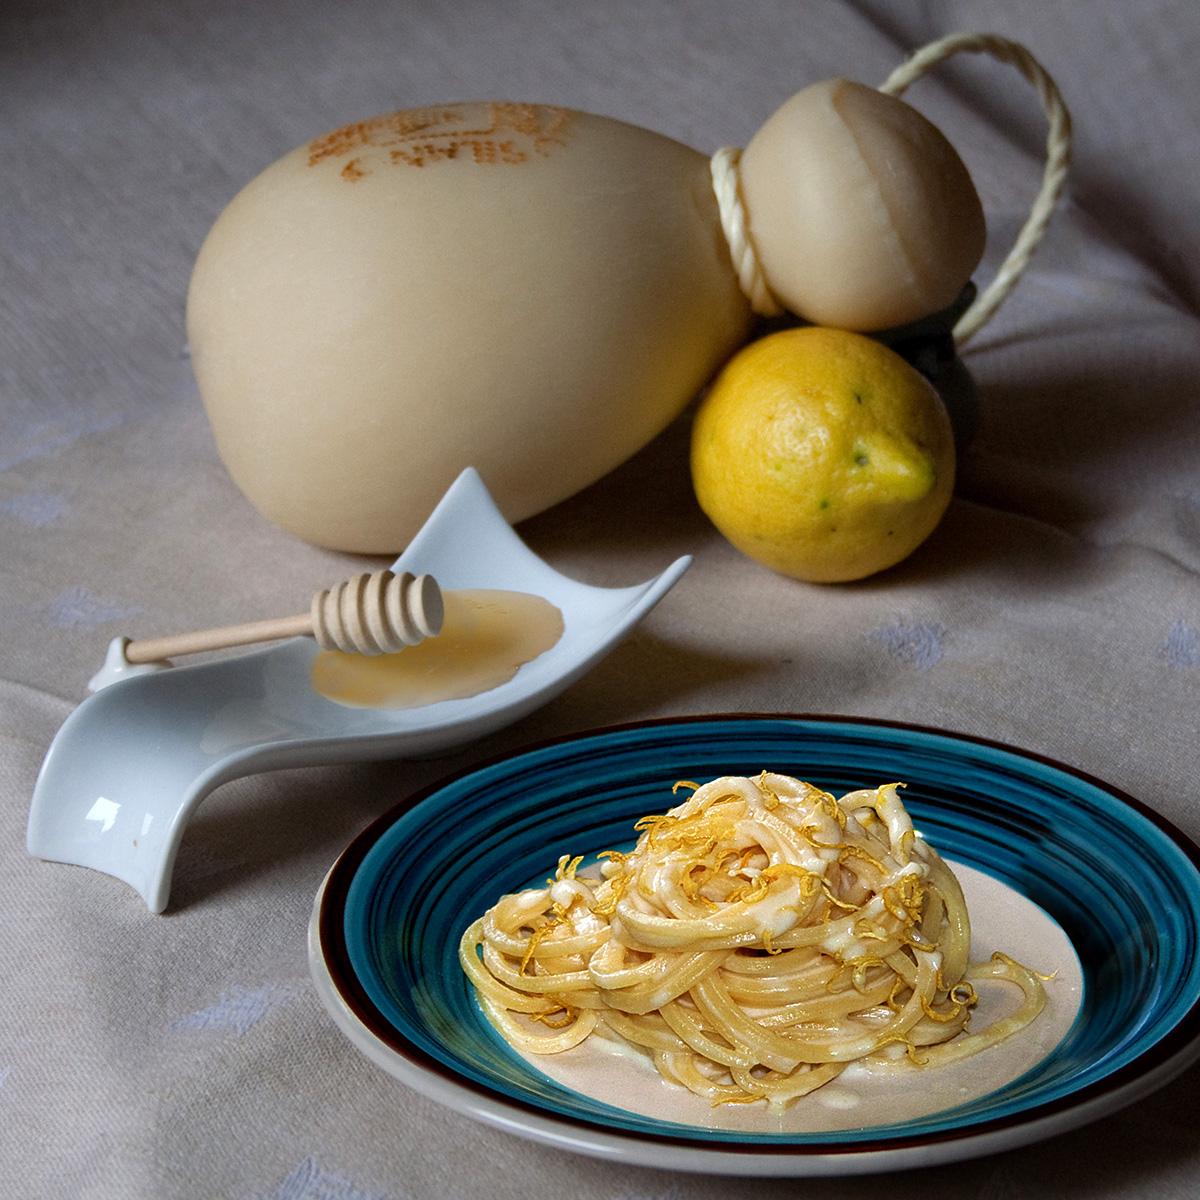 https://blog.giallozafferano.it/cucinadiclaudio/wp-content/uploads/2016/02/spaghetti-caciocavallo-miele-2-1200.jpg